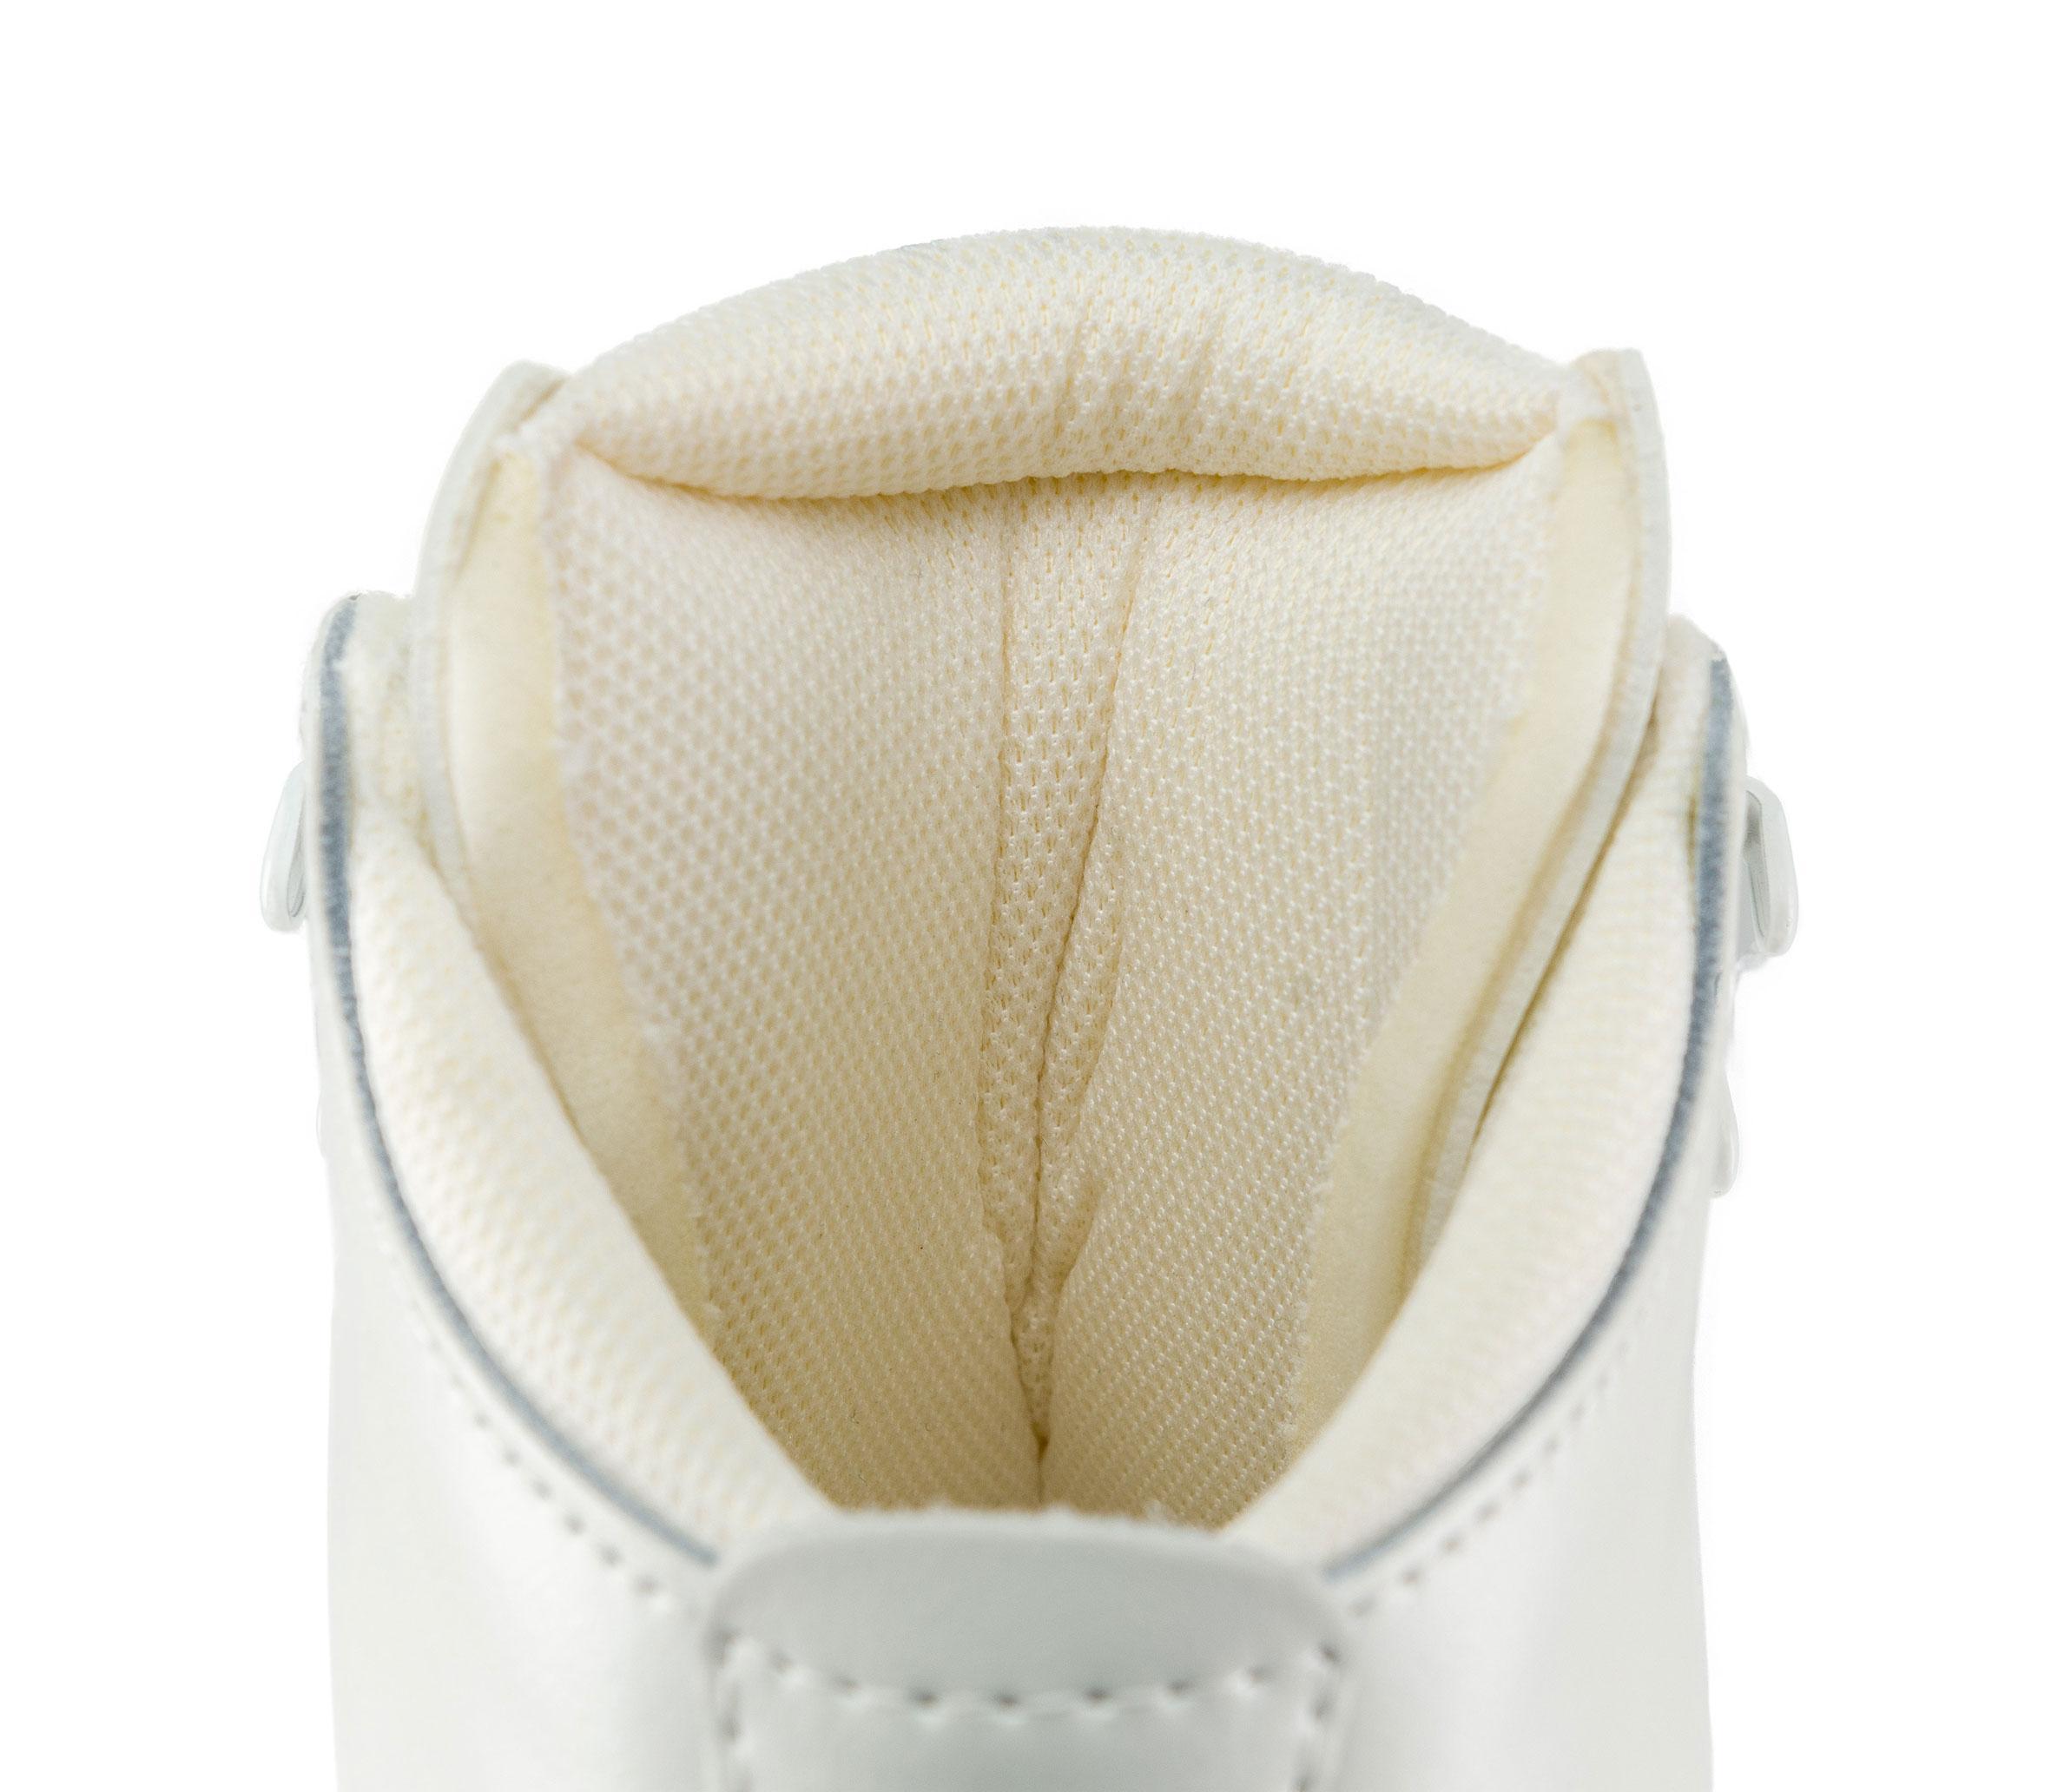 Фигурные коньки Edea Motivo Ivory с лезвием Charme